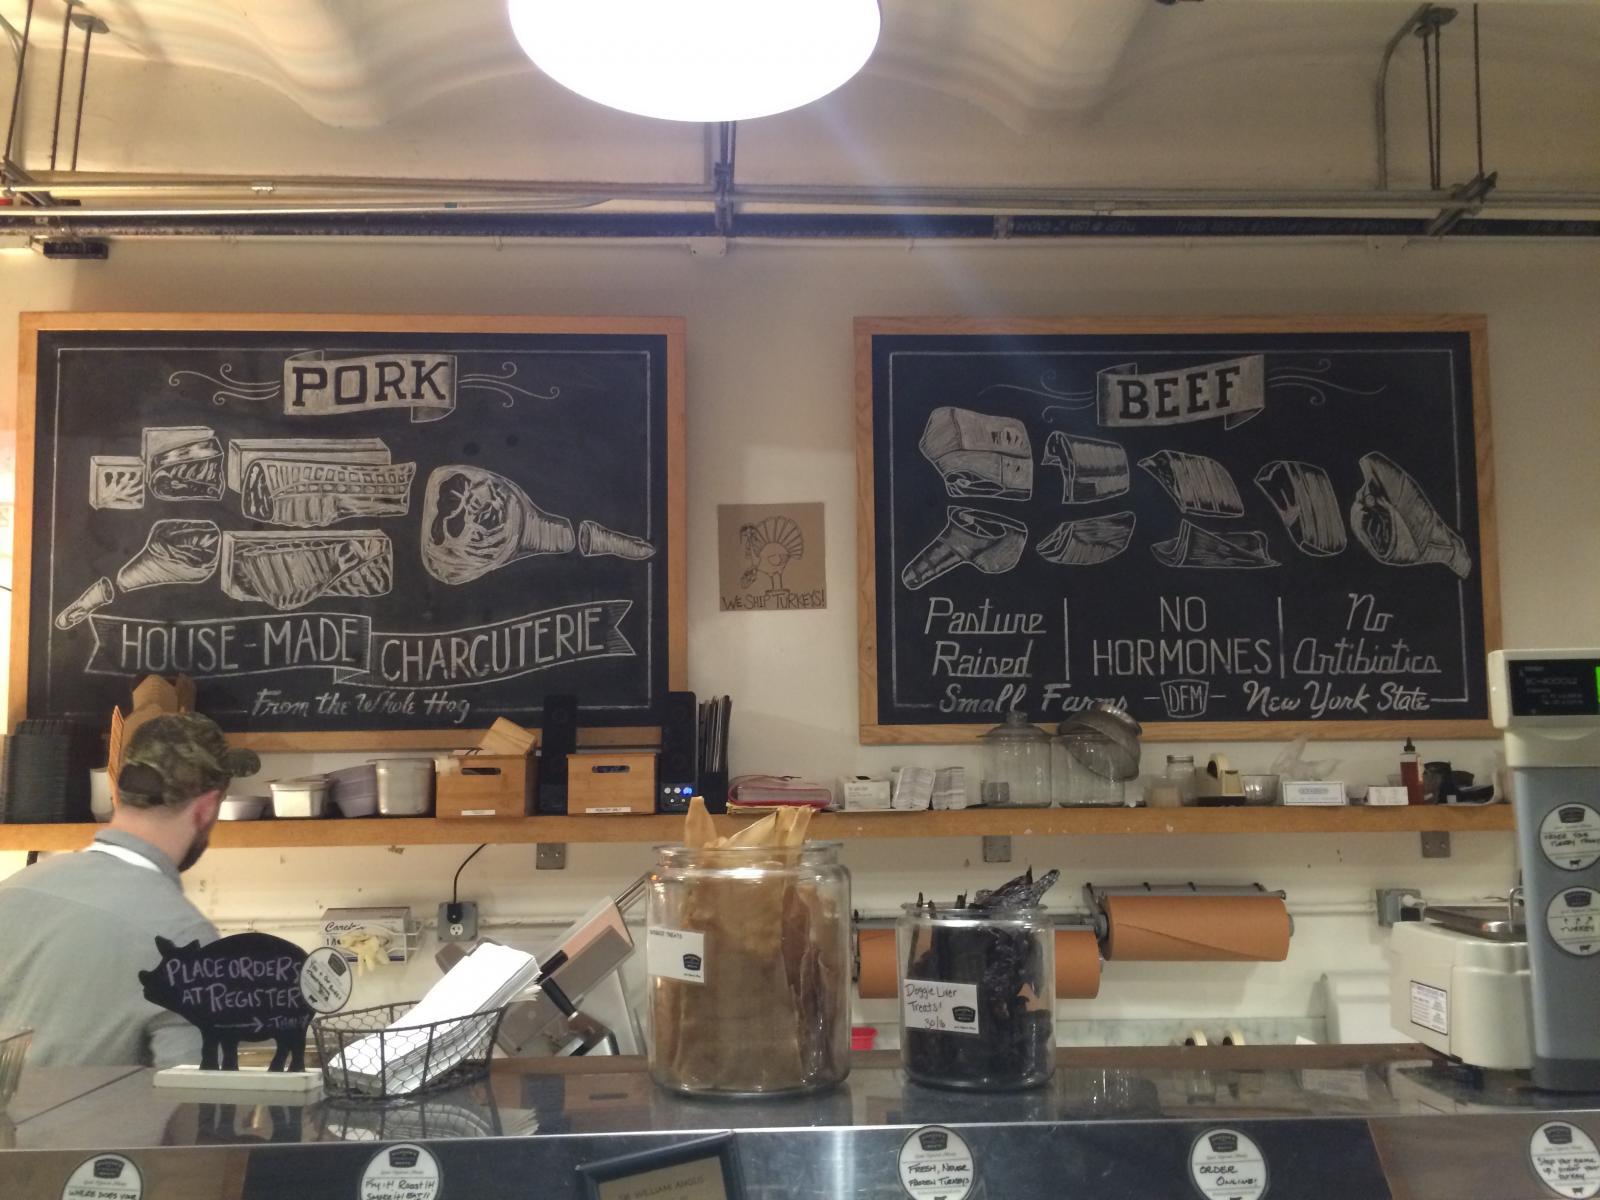 chelsea-market-new-york